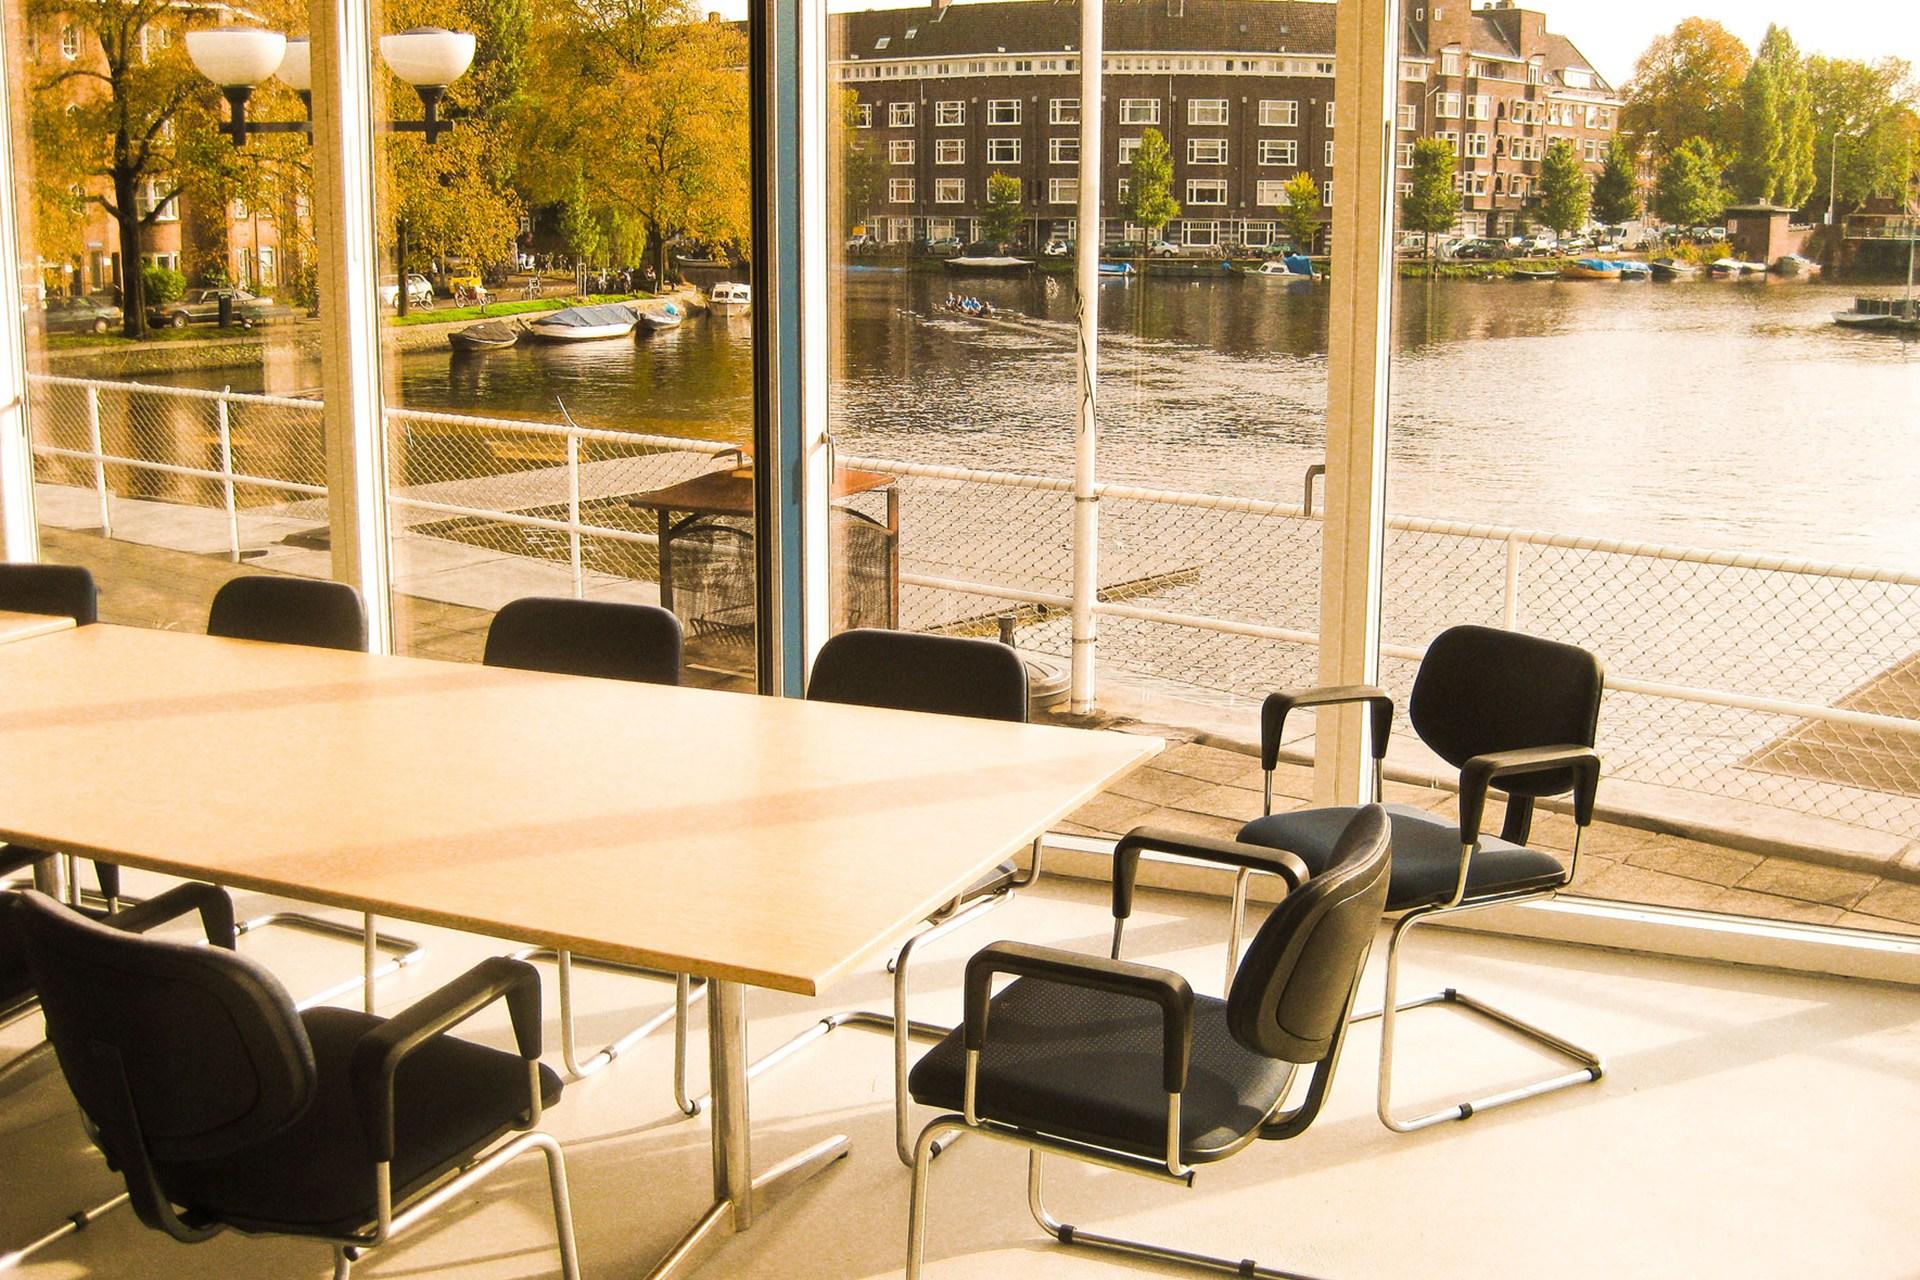 Vergaderruimte bij de Amstelzaal.